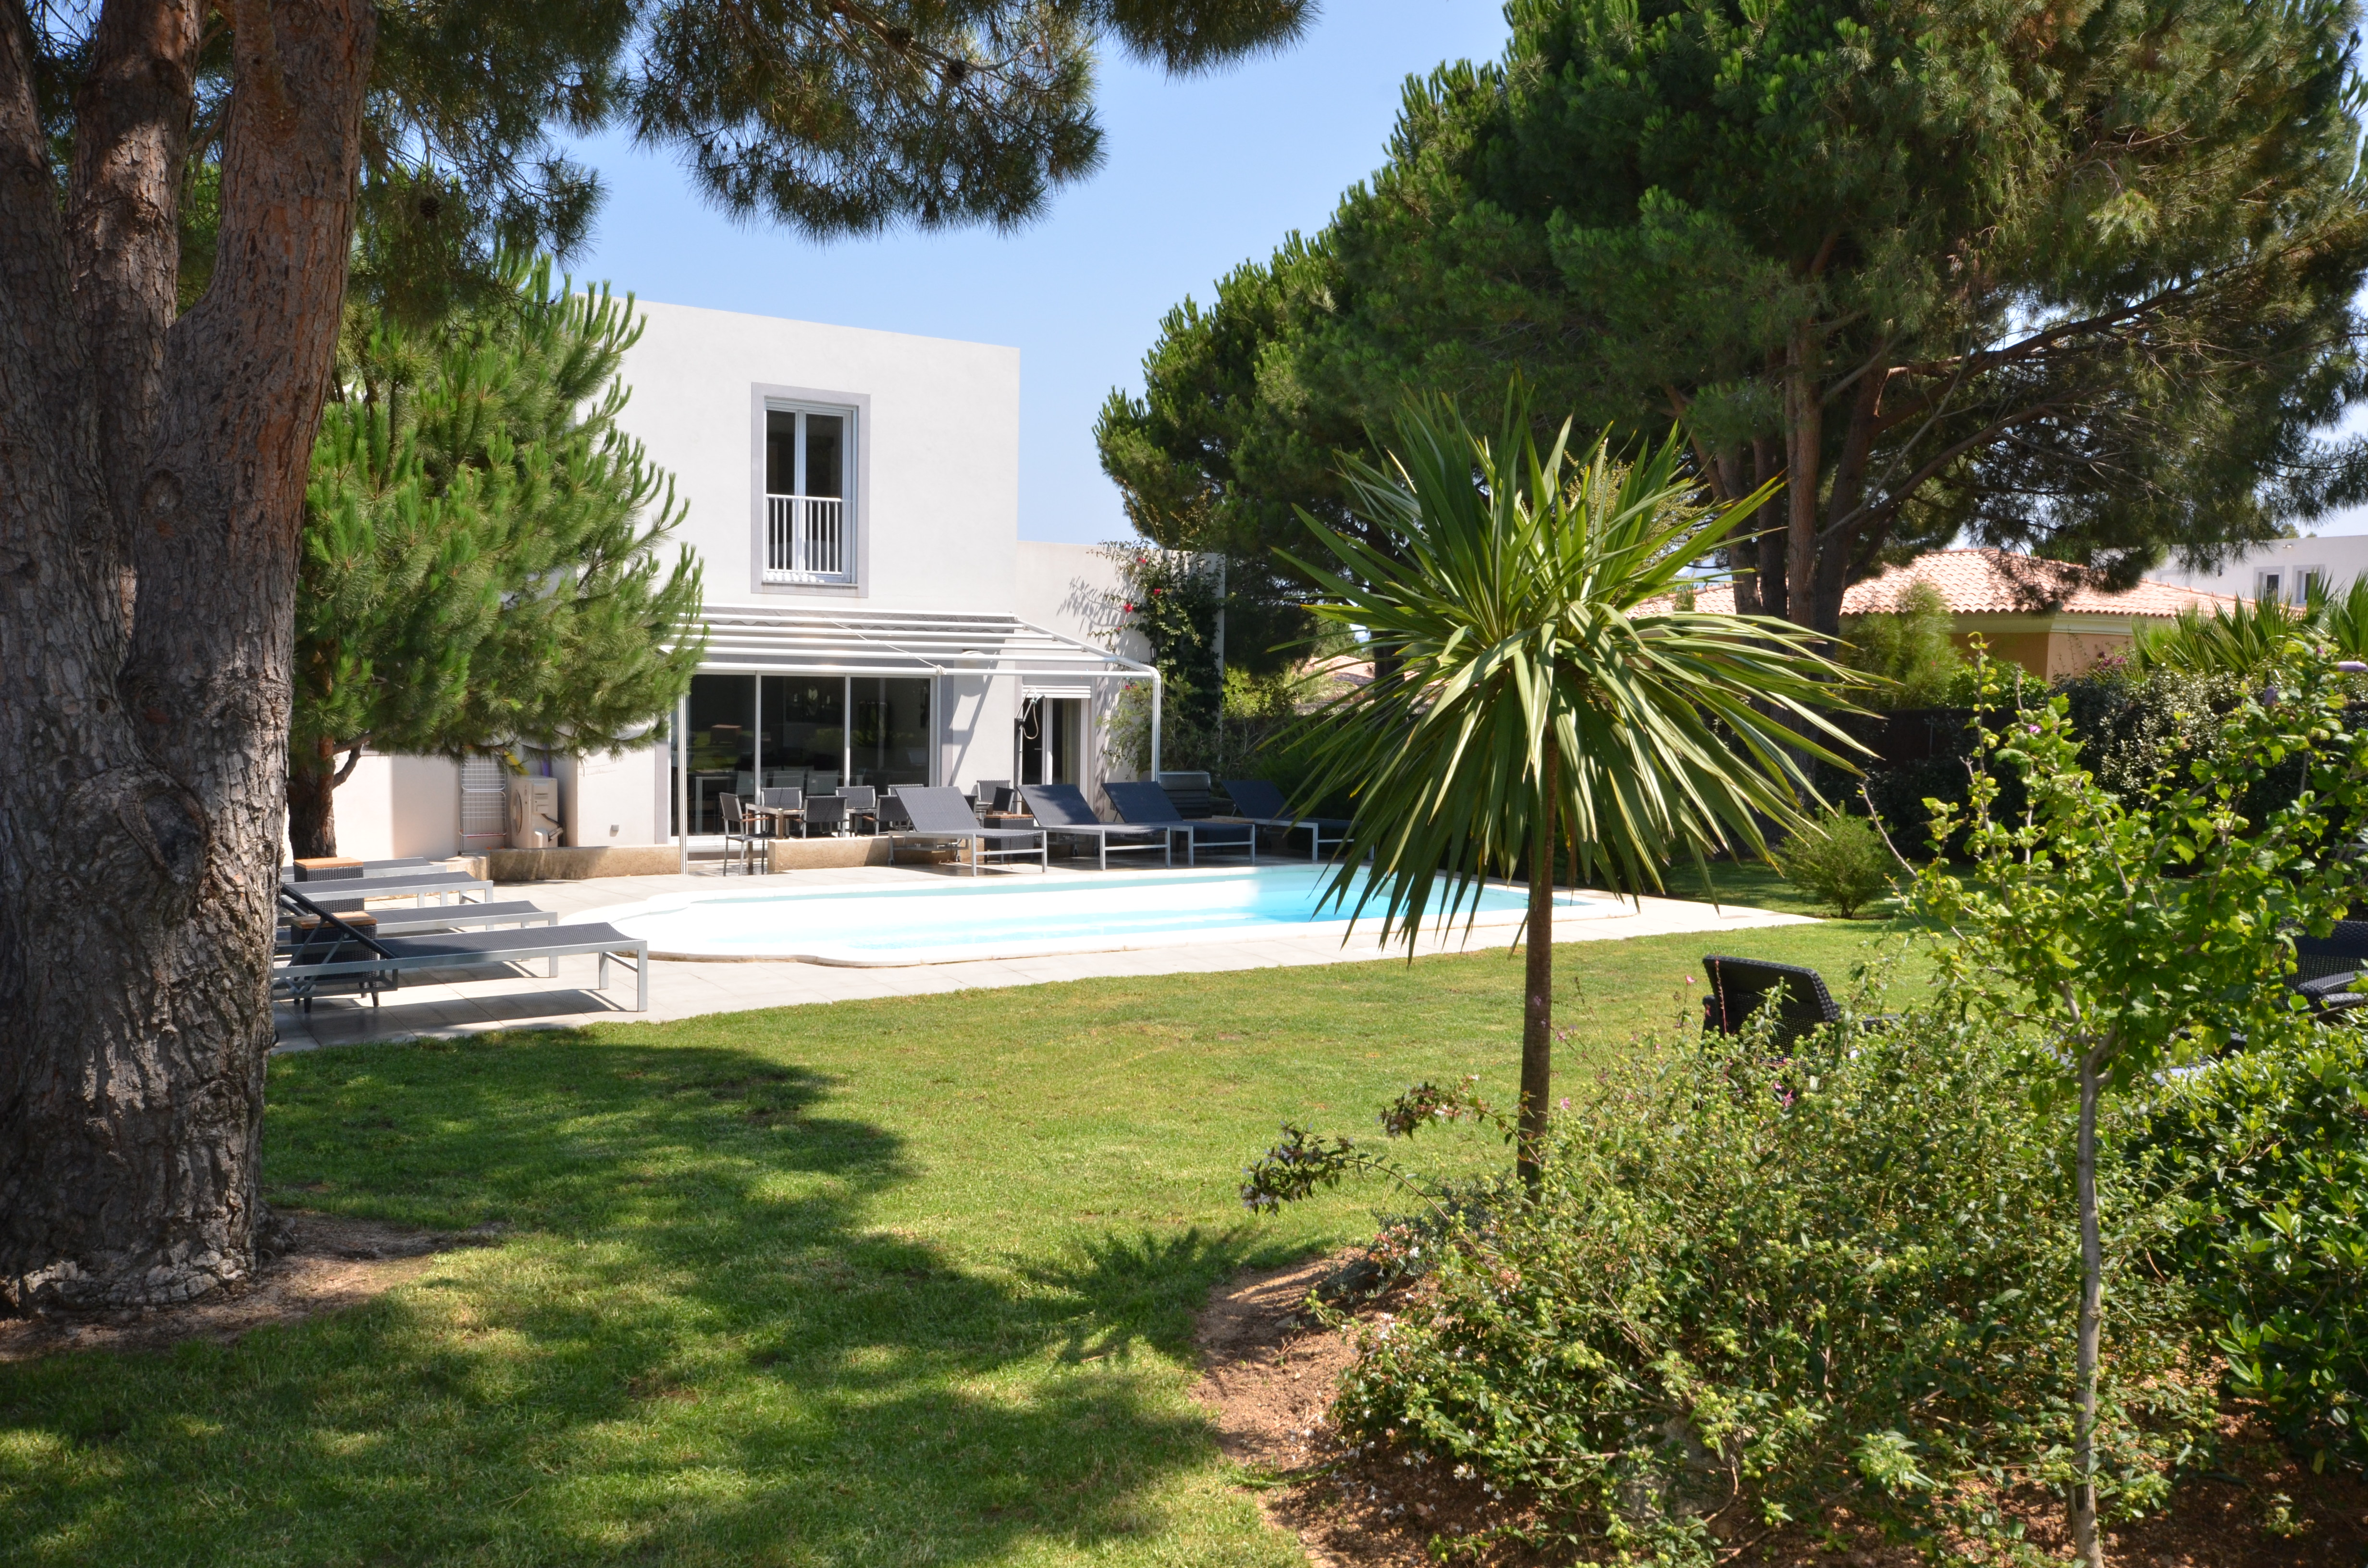 Location villa de luxe 5 calvi ile rousse piscine - Location villa calvi avec piscine ...